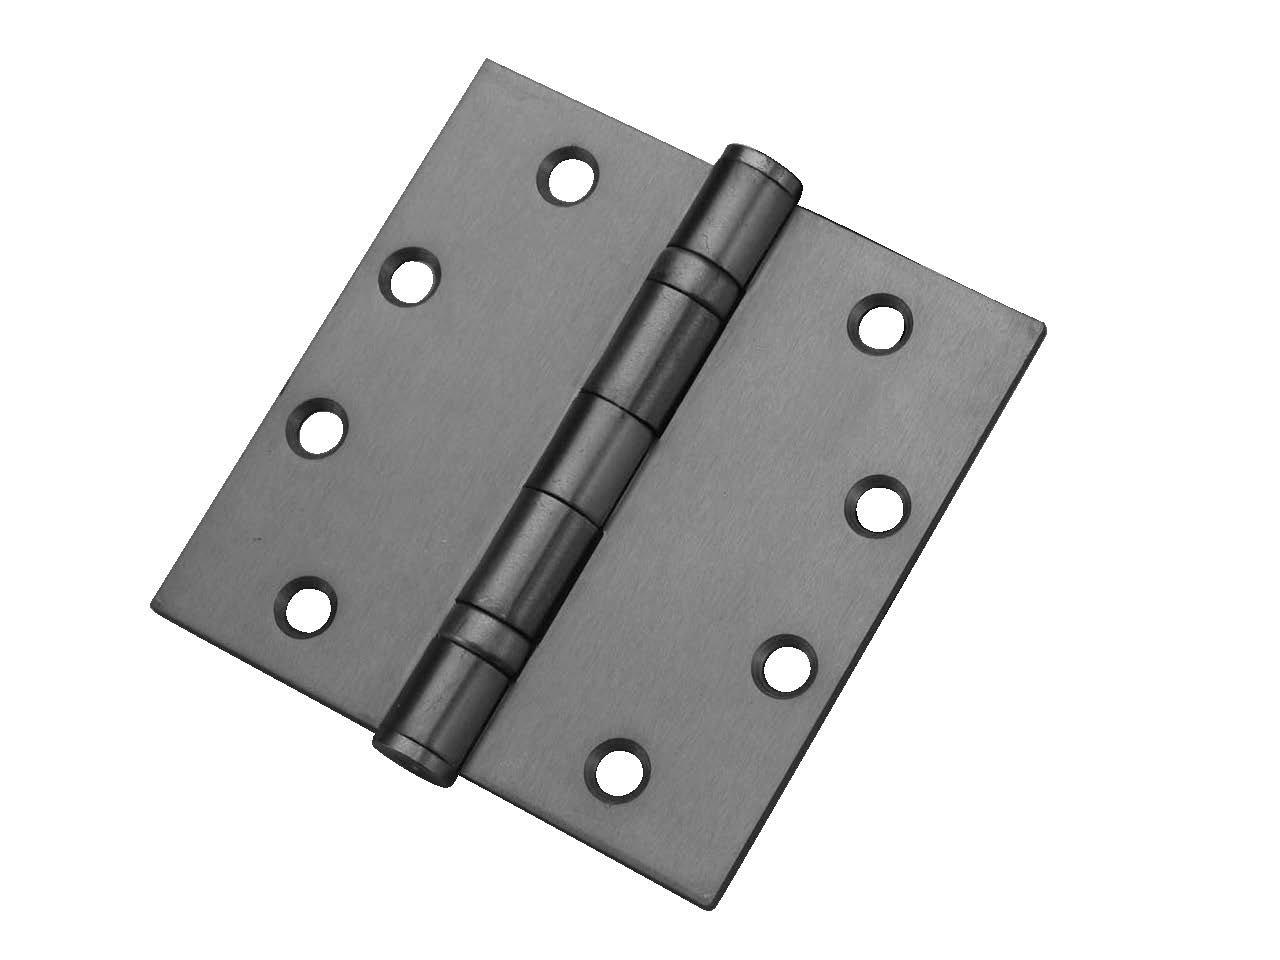 Don-Jo BB74540 Steel Mortise Mount Full Ball Bearing Hinge, Satin Chrome Plated, 4-1/2'' Width, 4'' Length (Pack of 24)